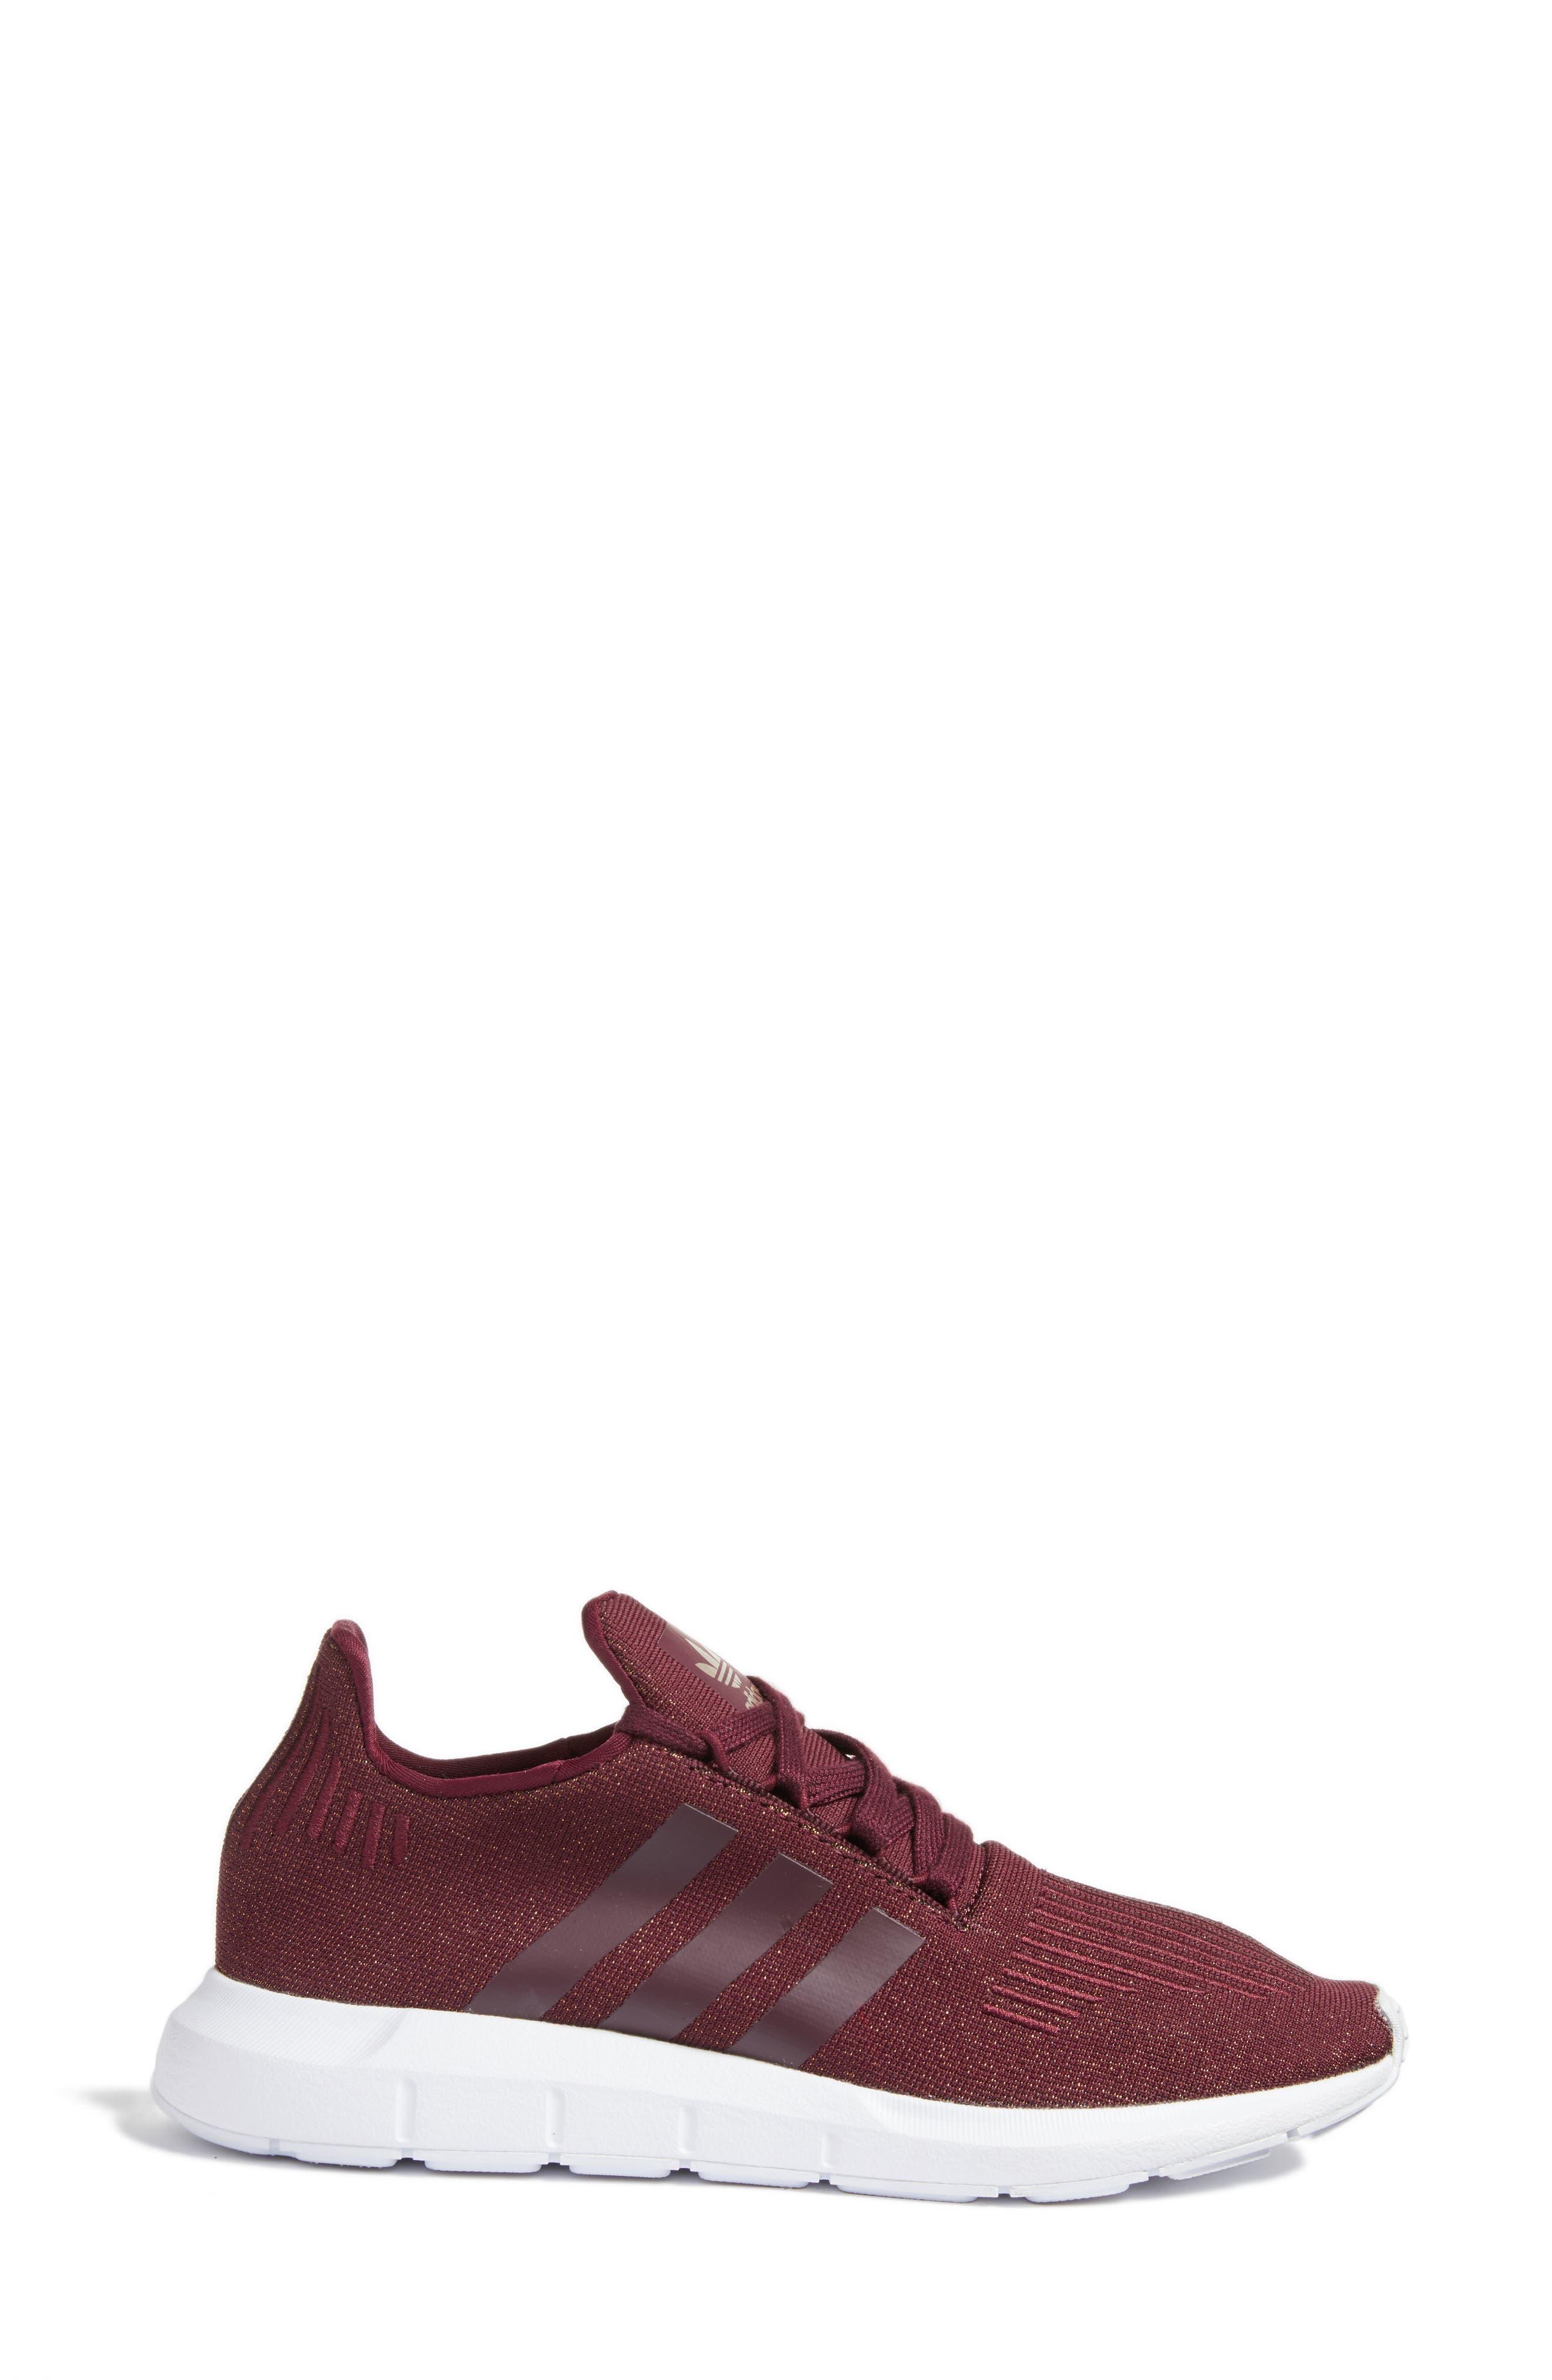 Swift Run Sneaker,                             Alternate thumbnail 95, color,